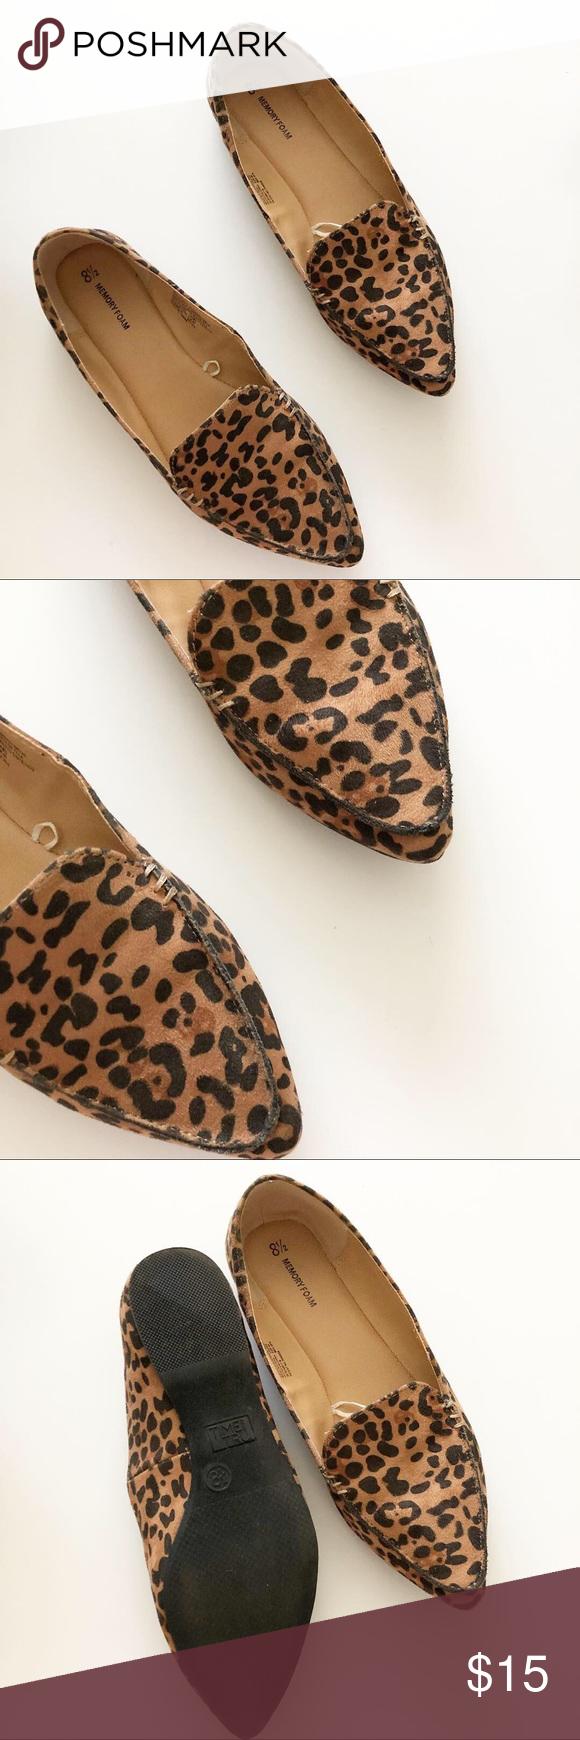 time og tru leopard sko sale aa33c 55e80